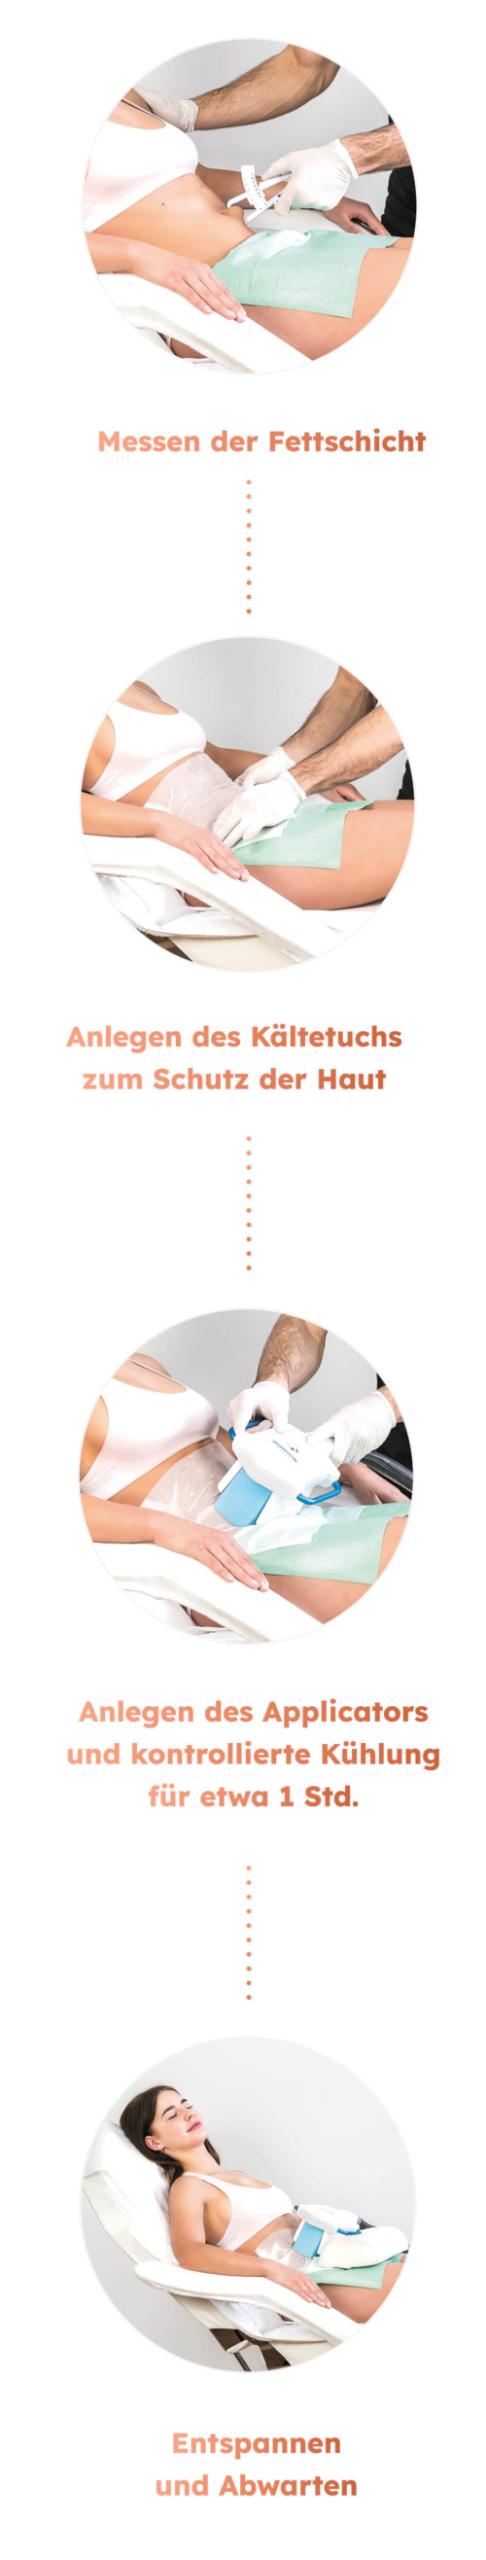 Frauenschönheit - Ablauf der Behandlung - Frauenarzt   Gynäkologikum 24 - Praxis für Gynäkologie München   Zentrum